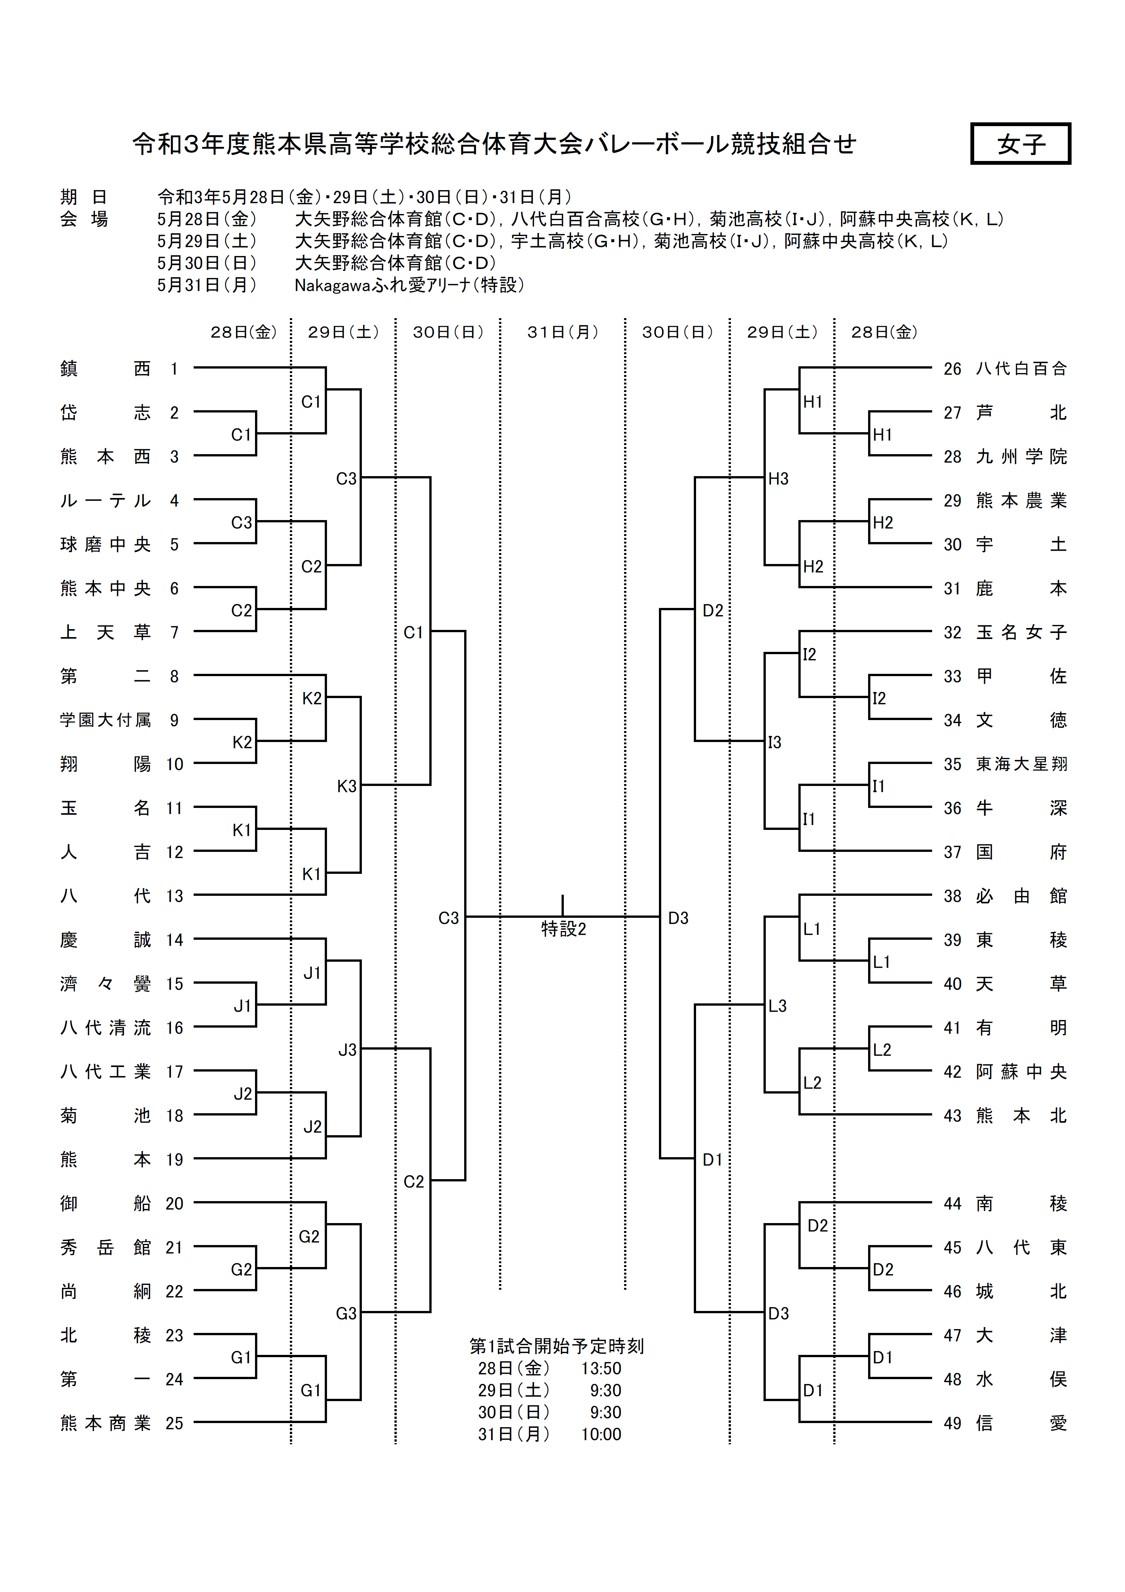 2021年度_インターハイ予選_熊本県予選_女子_組合せ